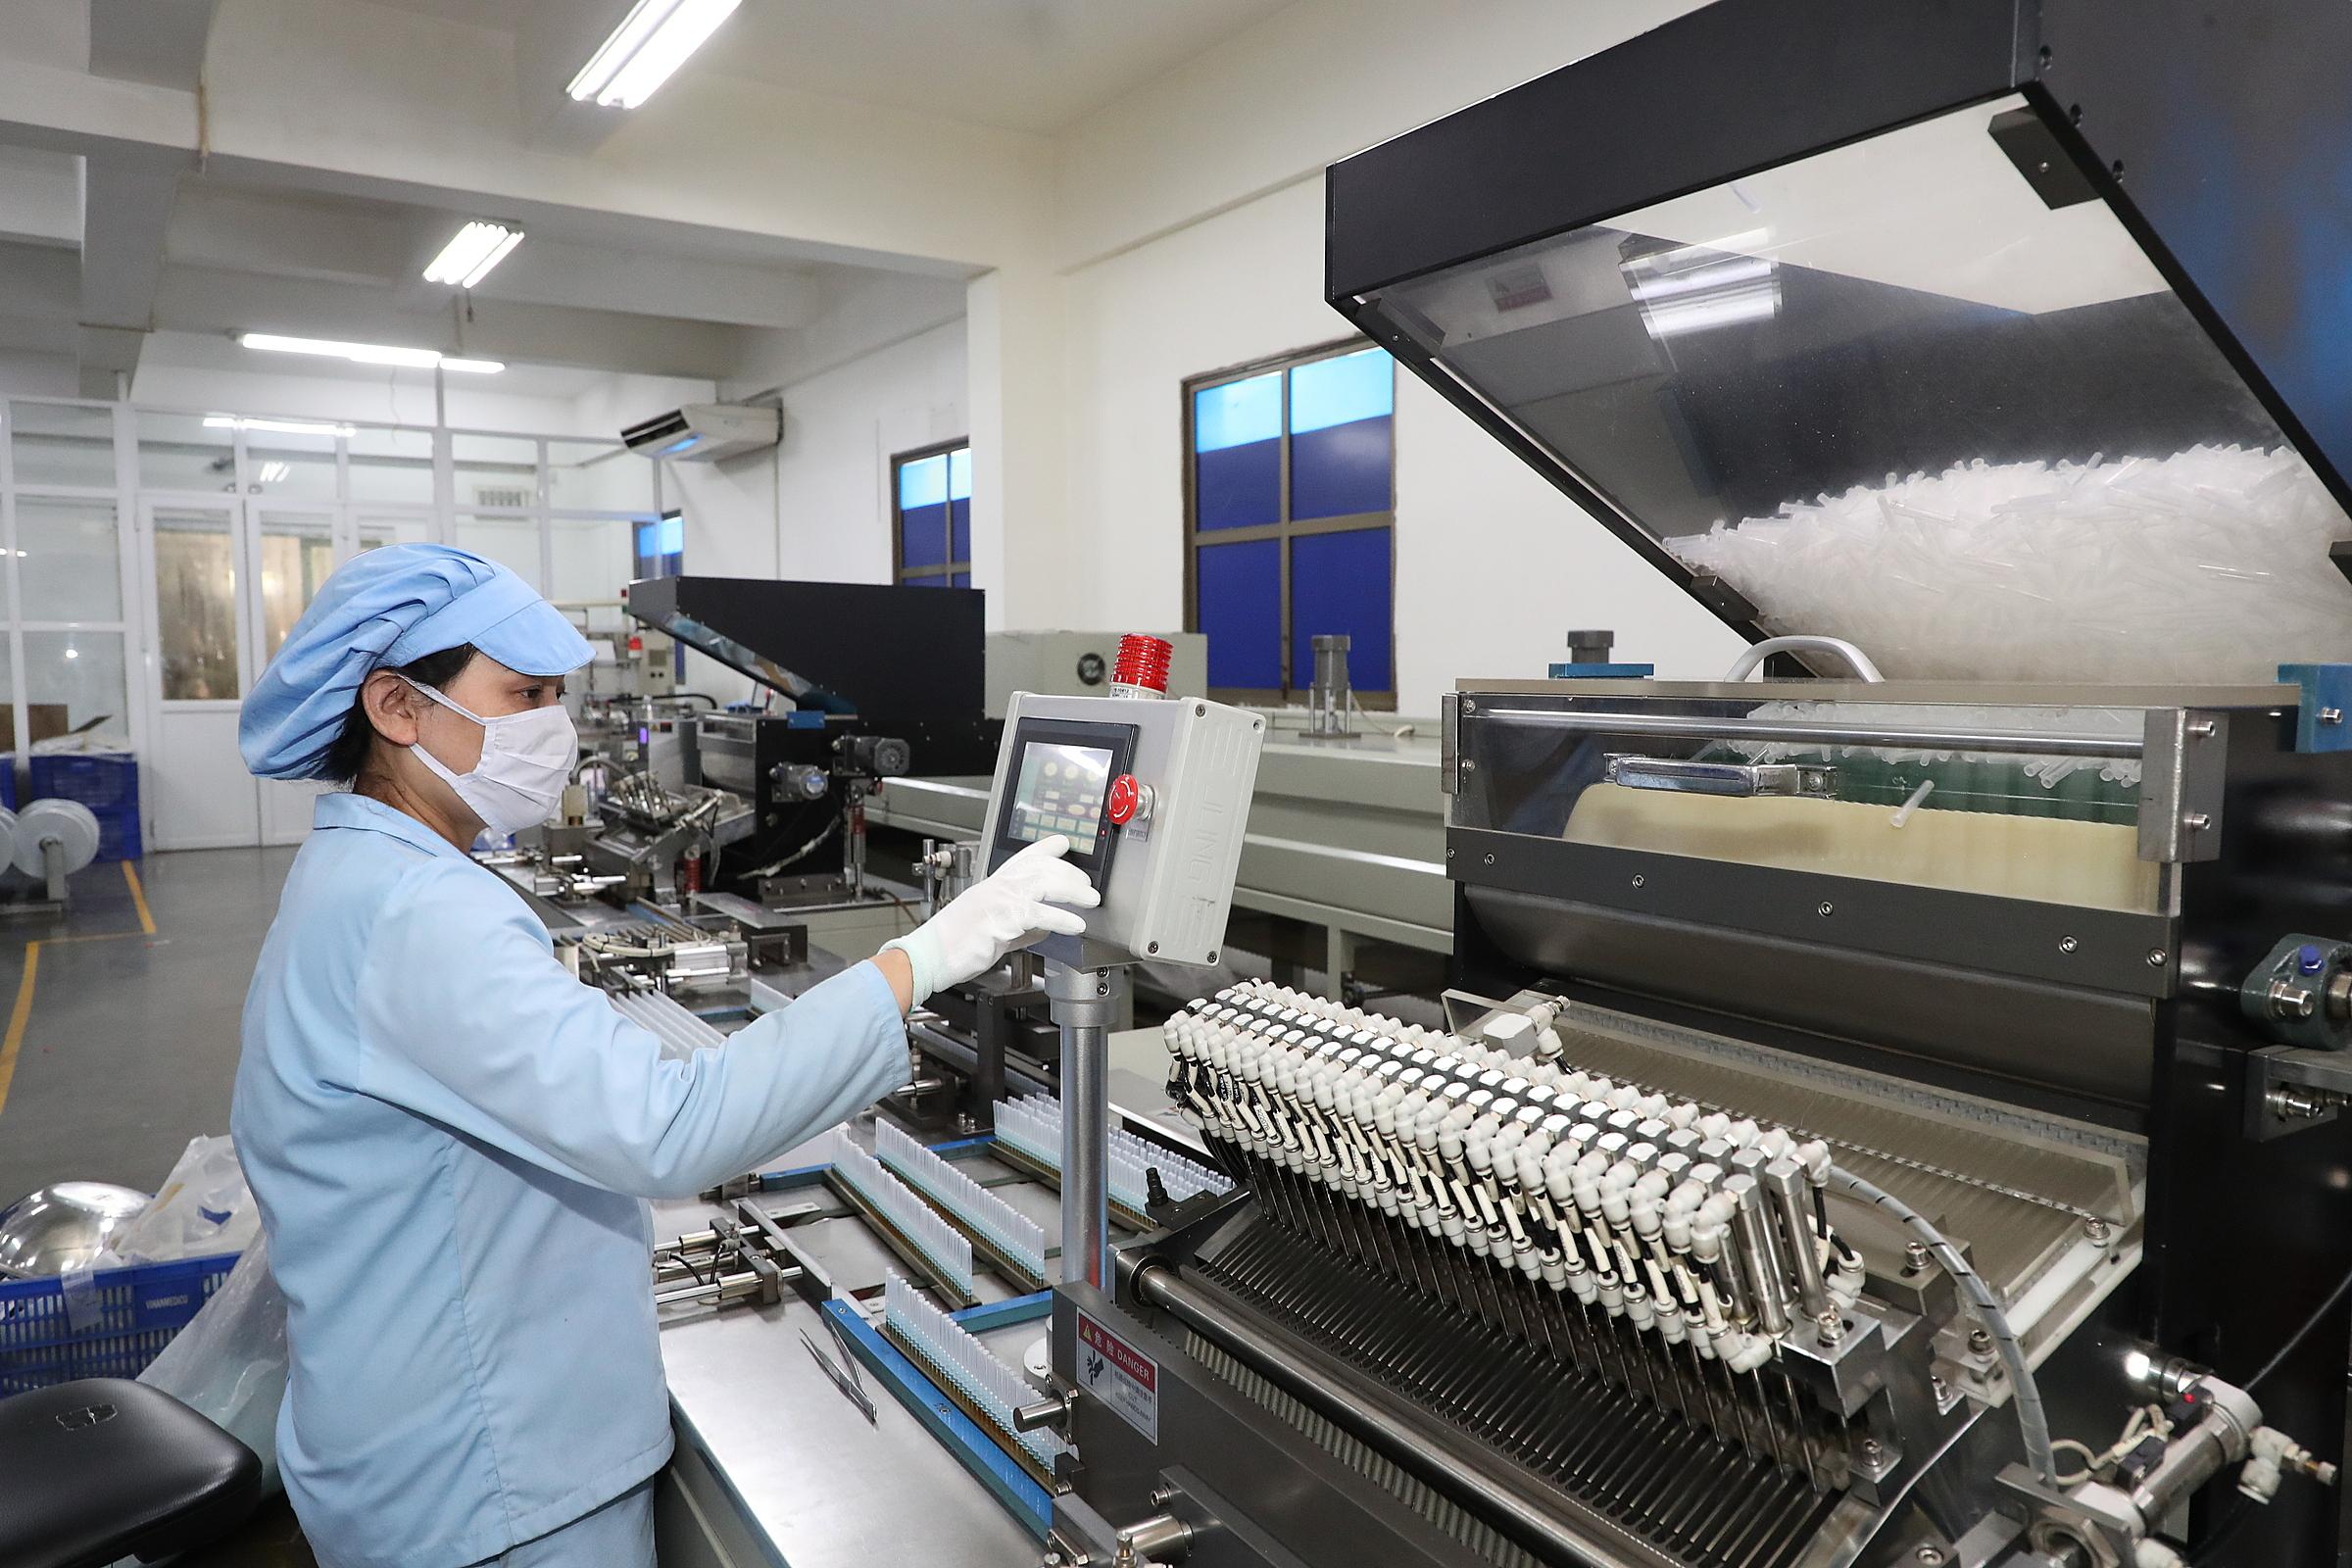 Sản phẩm bơm tiêm mà T&T Group tài trợ có quy trình sản xuất nghiêm ngặt, được Bộ Y tế cấp giấy chứng nhận chất lượng. Ảnh: T&T Group.